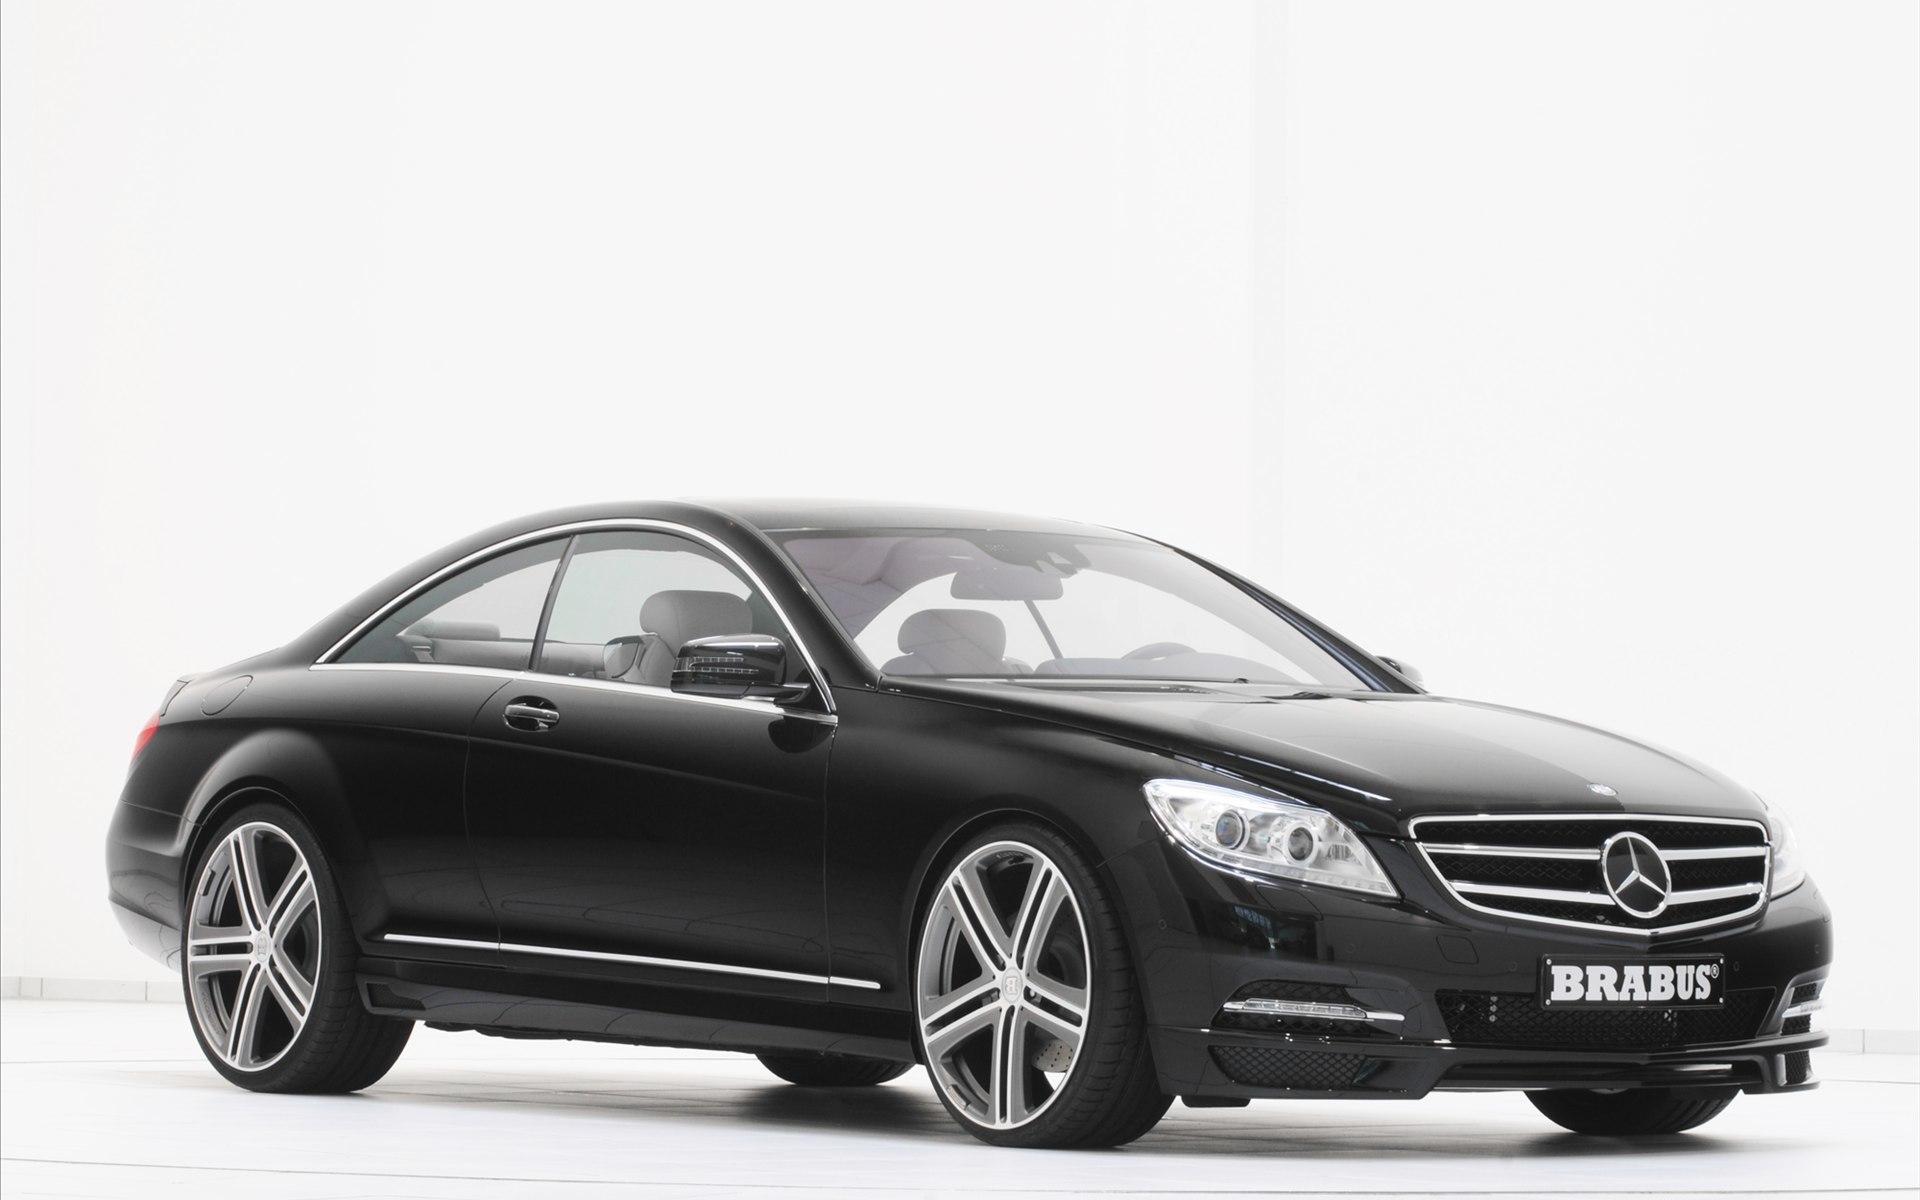 49879 скачать обои Транспорт, Машины, Мерседес (Mercedes) - заставки и картинки бесплатно